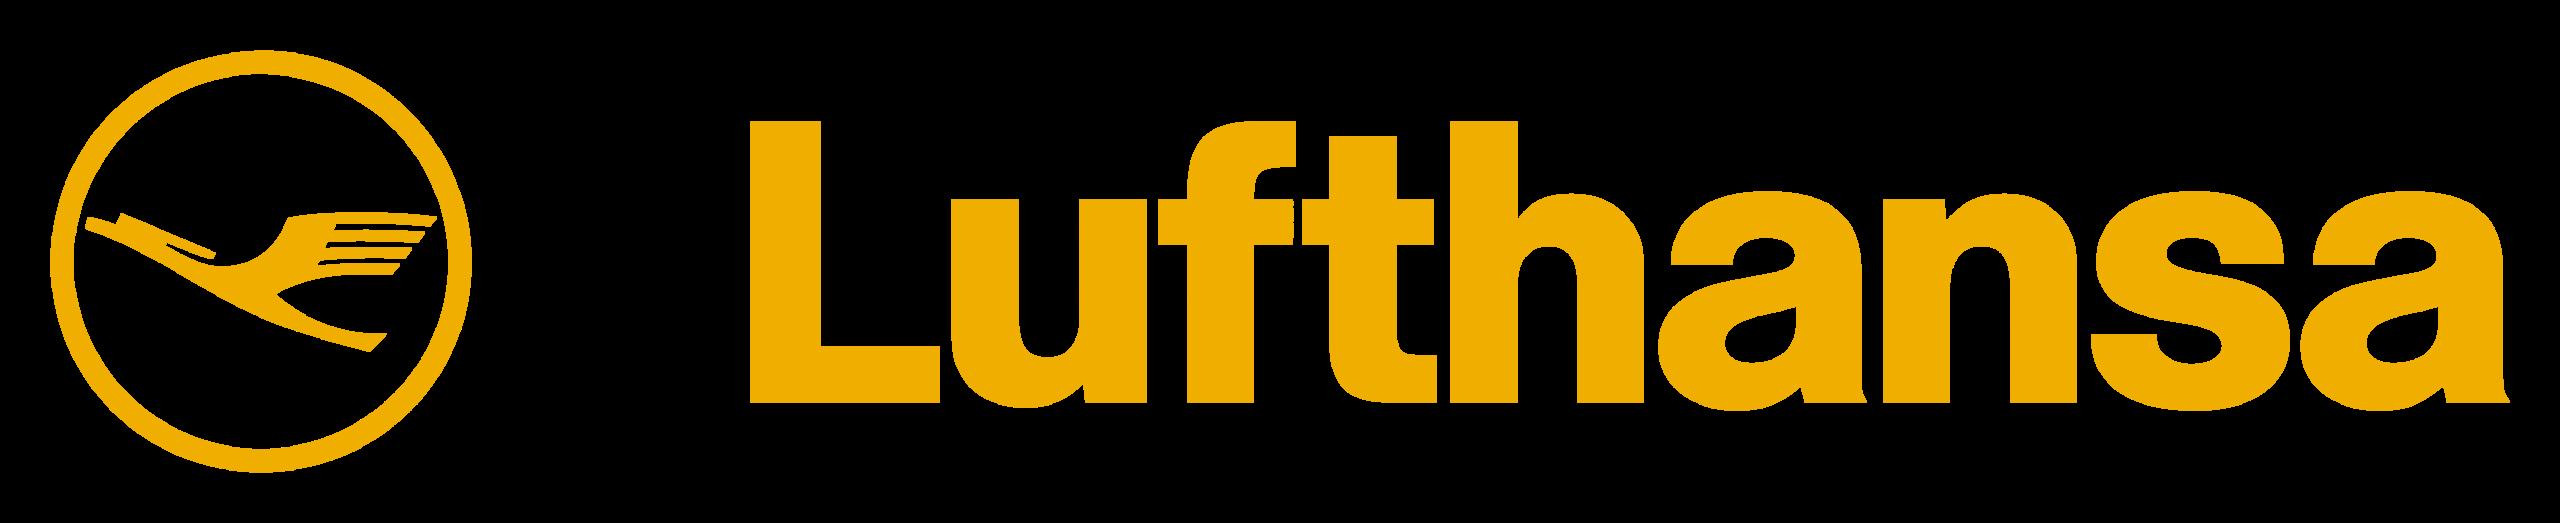 lufthansa-logo-2